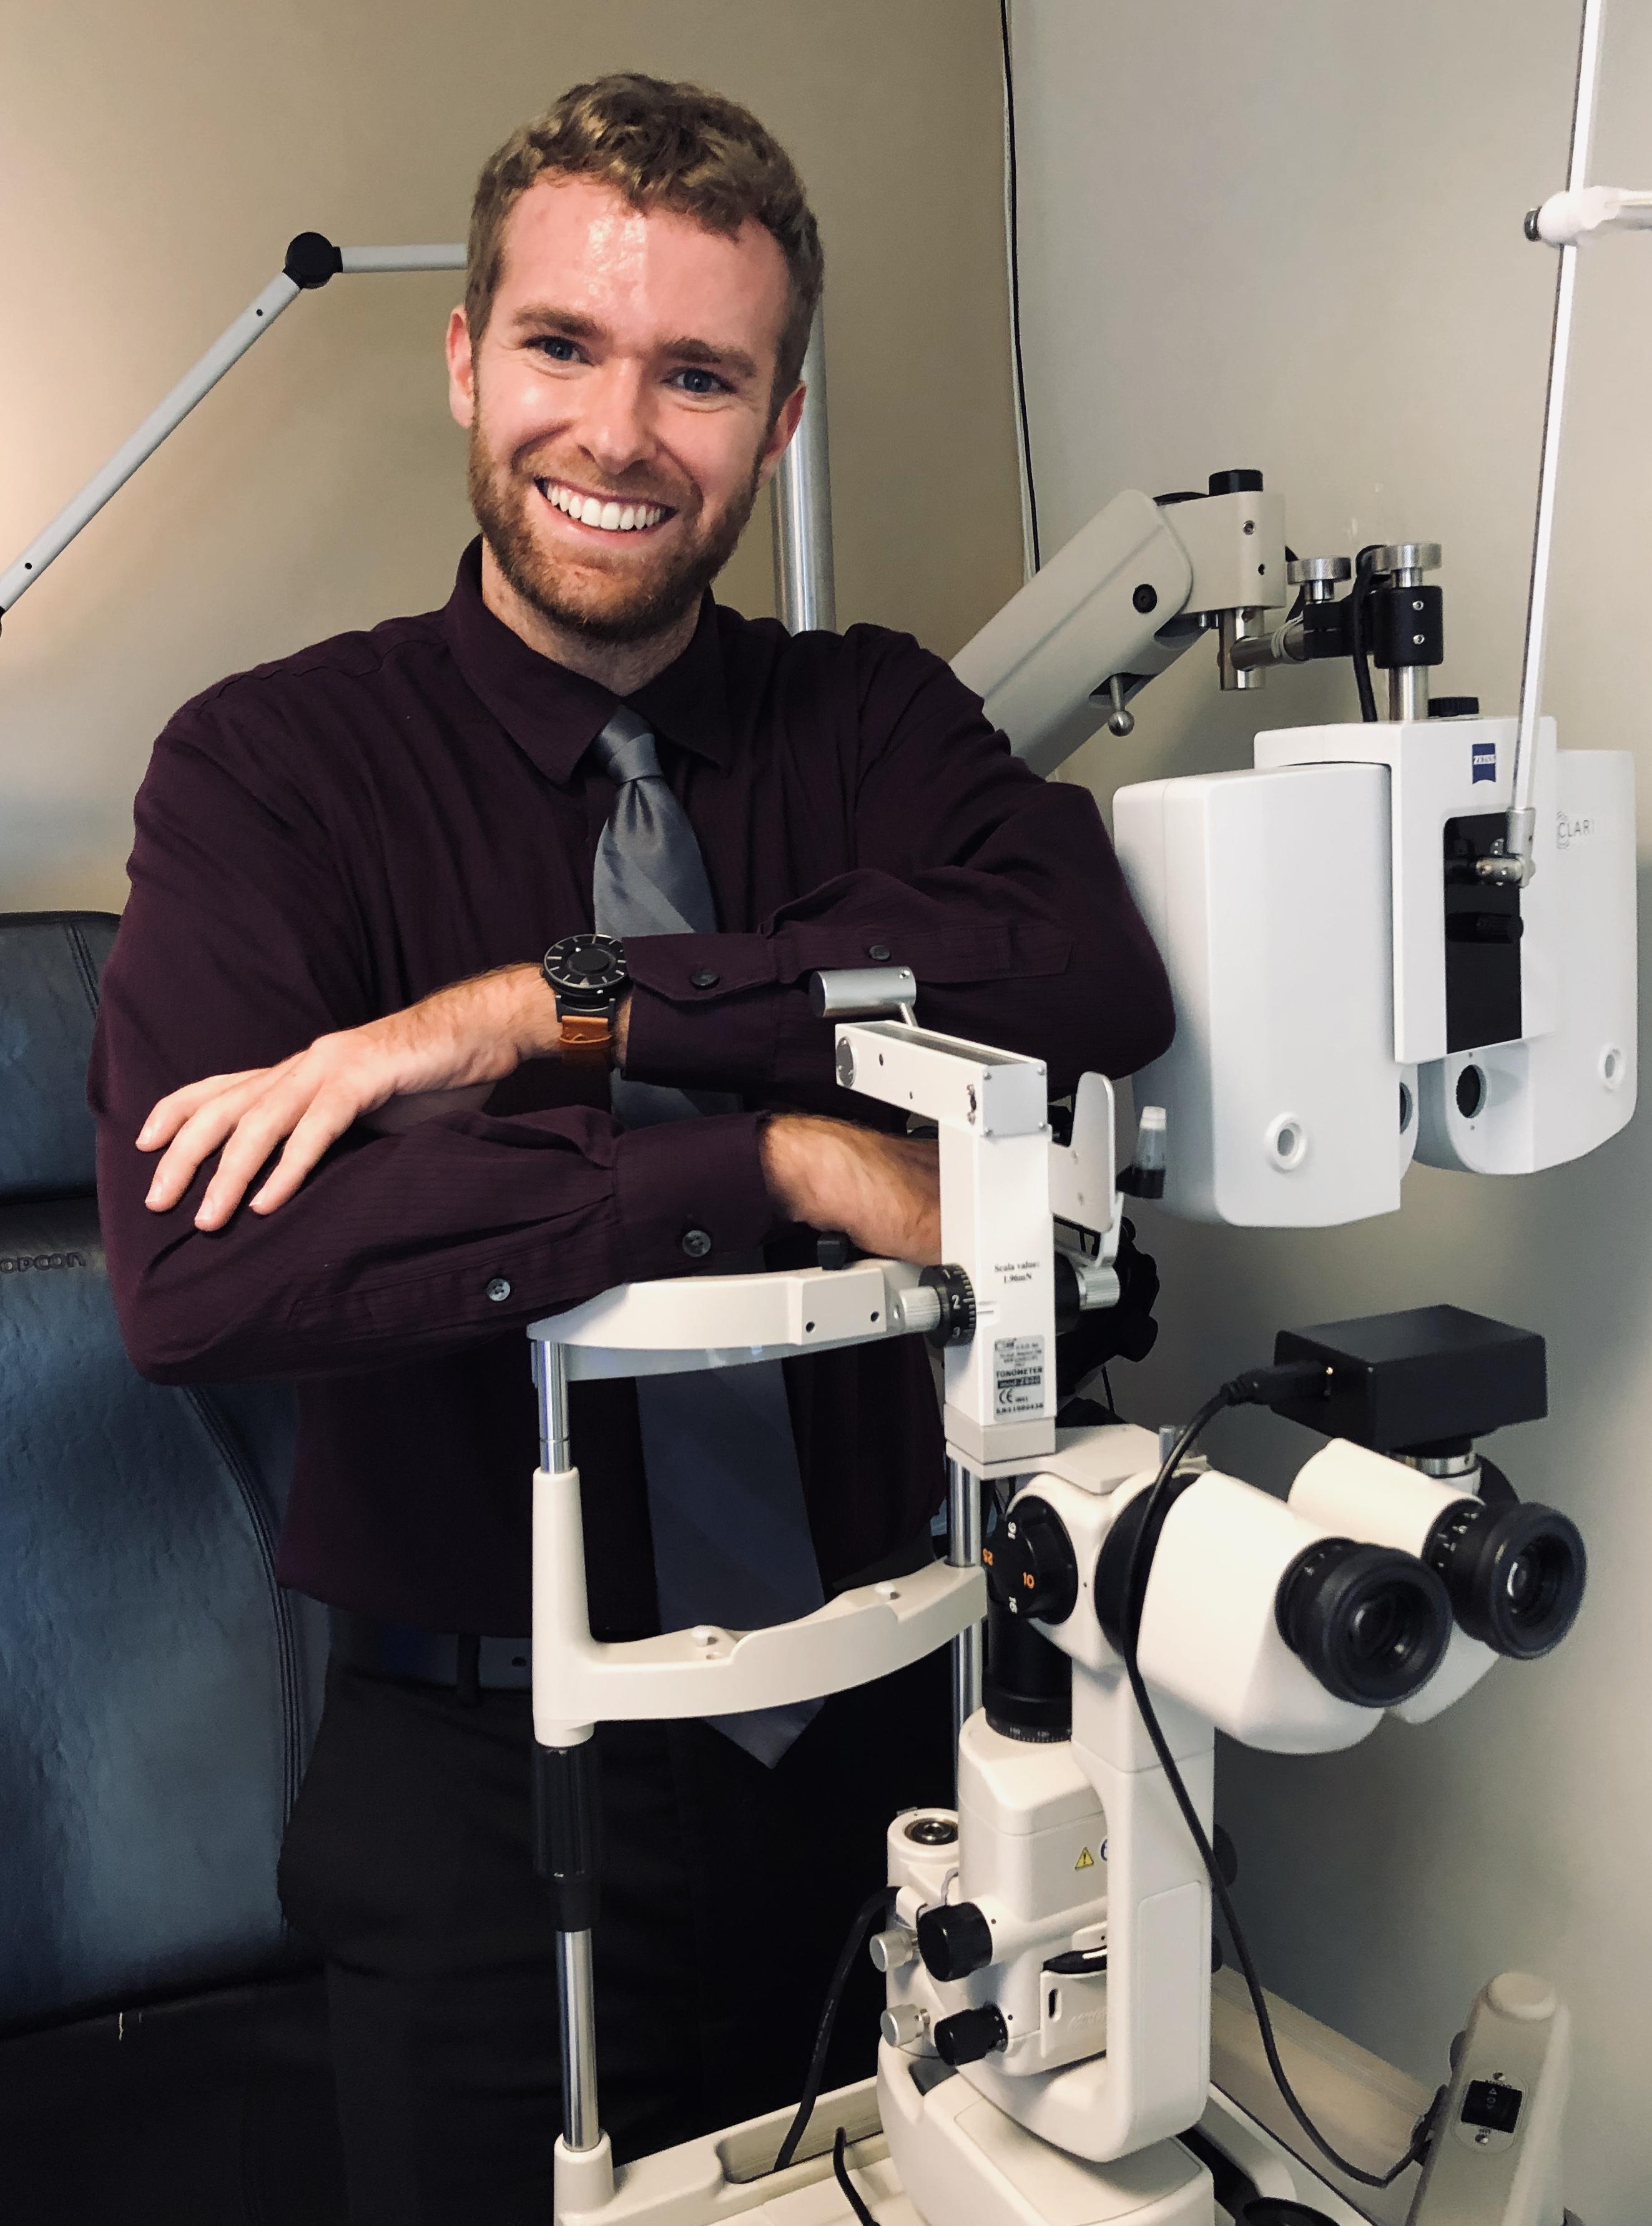 Dr-Chappel-photo